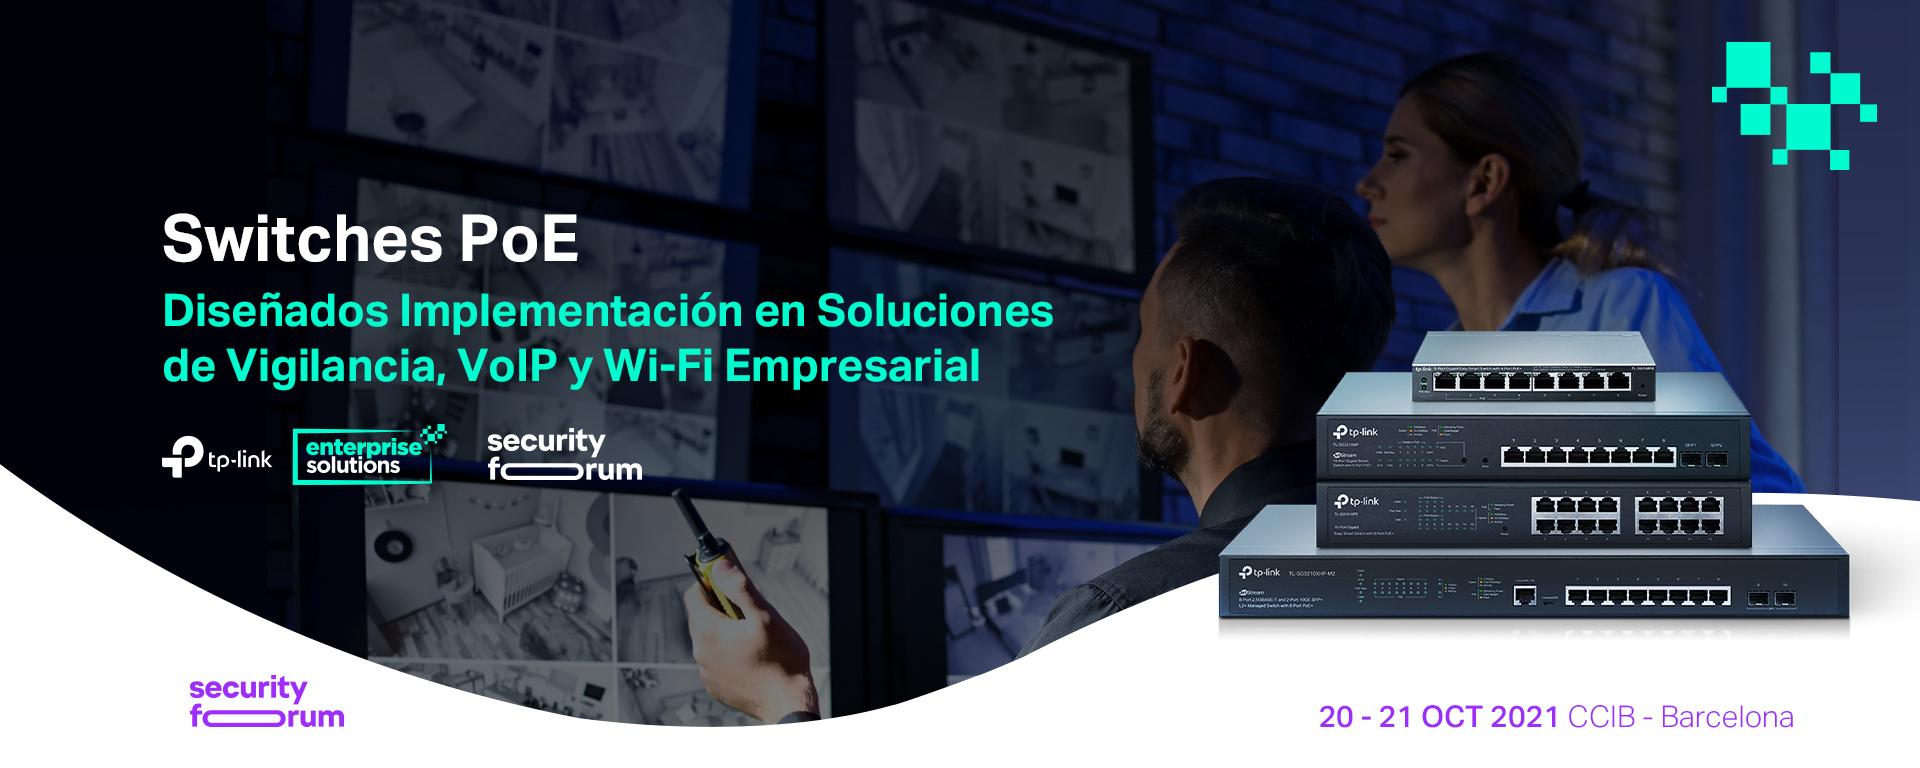 TP-Link presentará en Security Forum 21 de Barcelona sus soluciones diseñadas para la seguridad Wi-Fi en redes empresariales